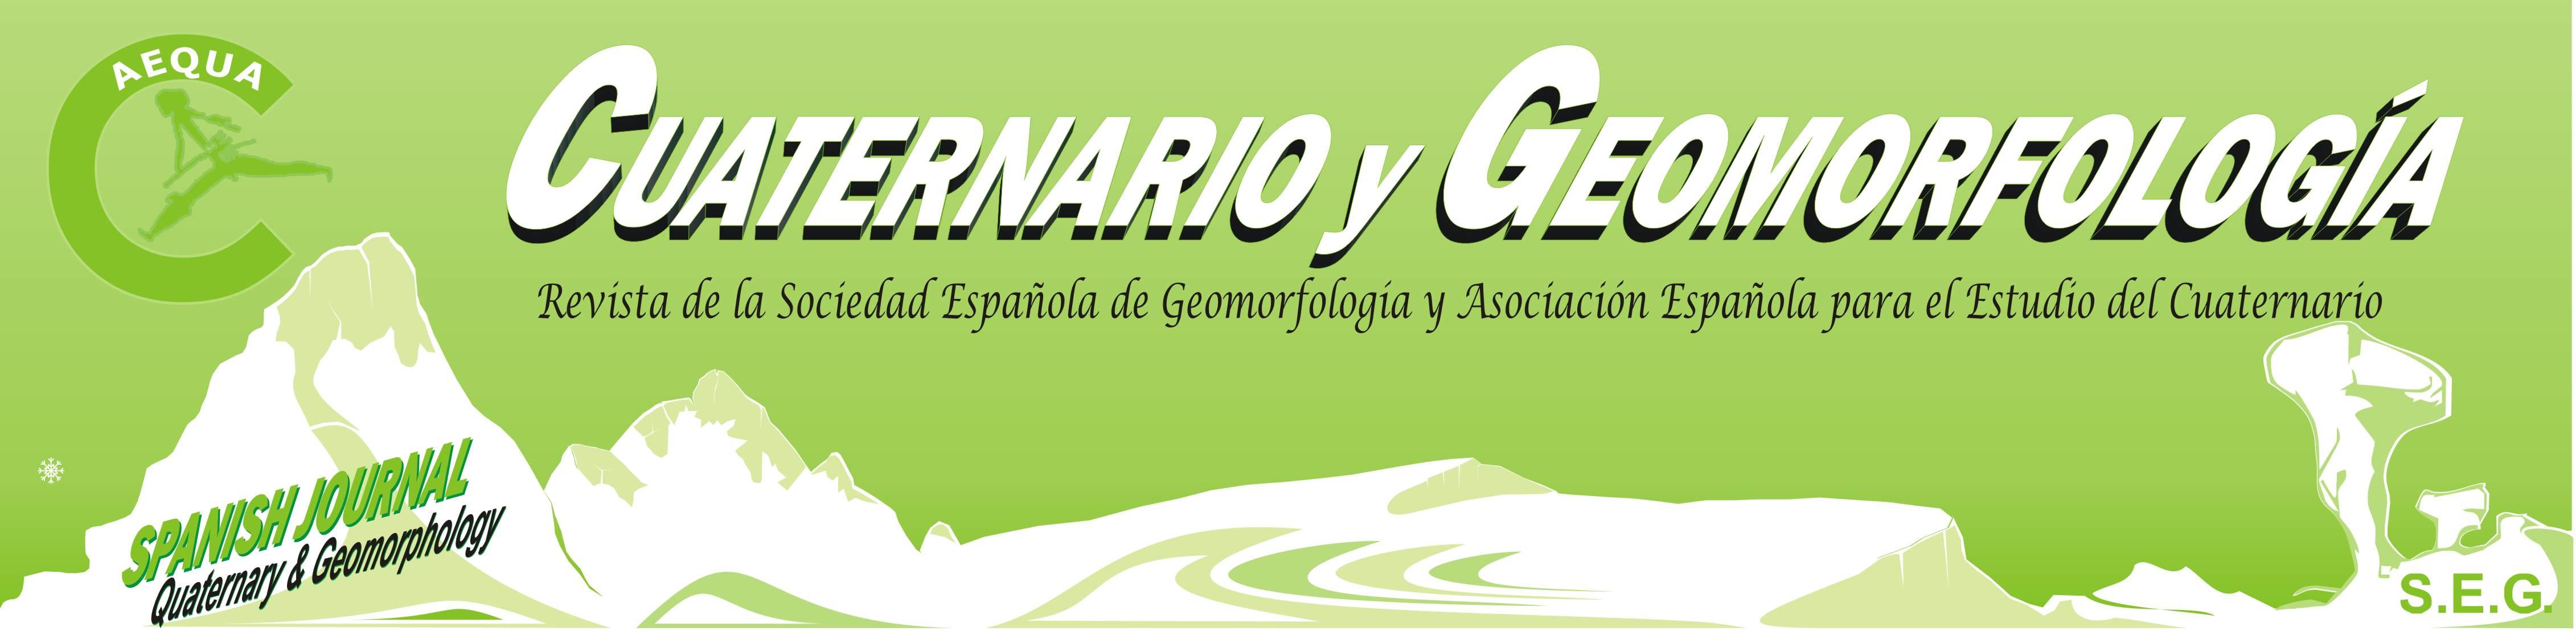 Cuaternario y Geomorfología